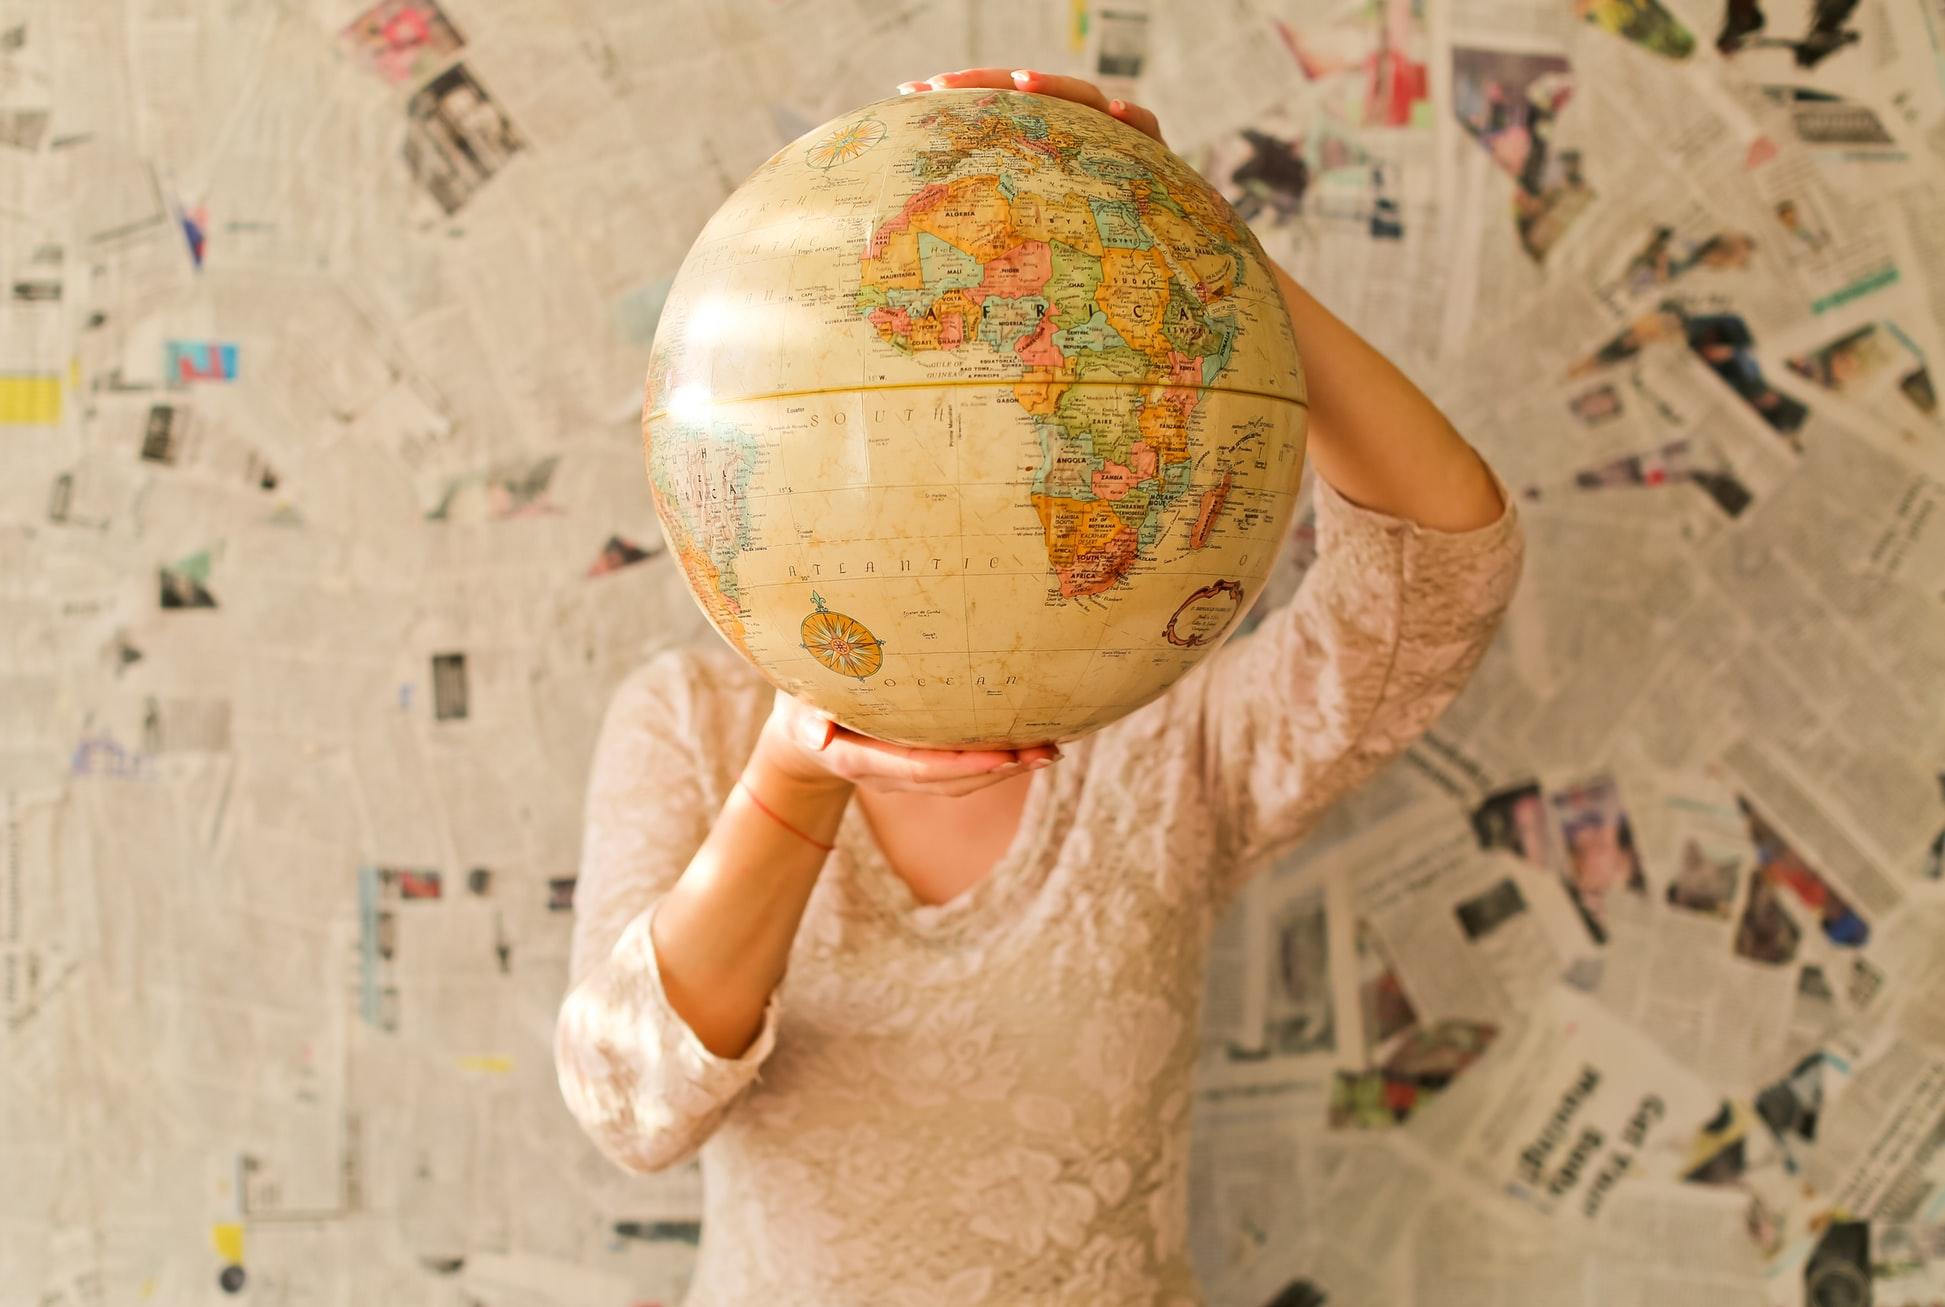 55 de curiozități interesante despre lume, de învățat cu cei mici